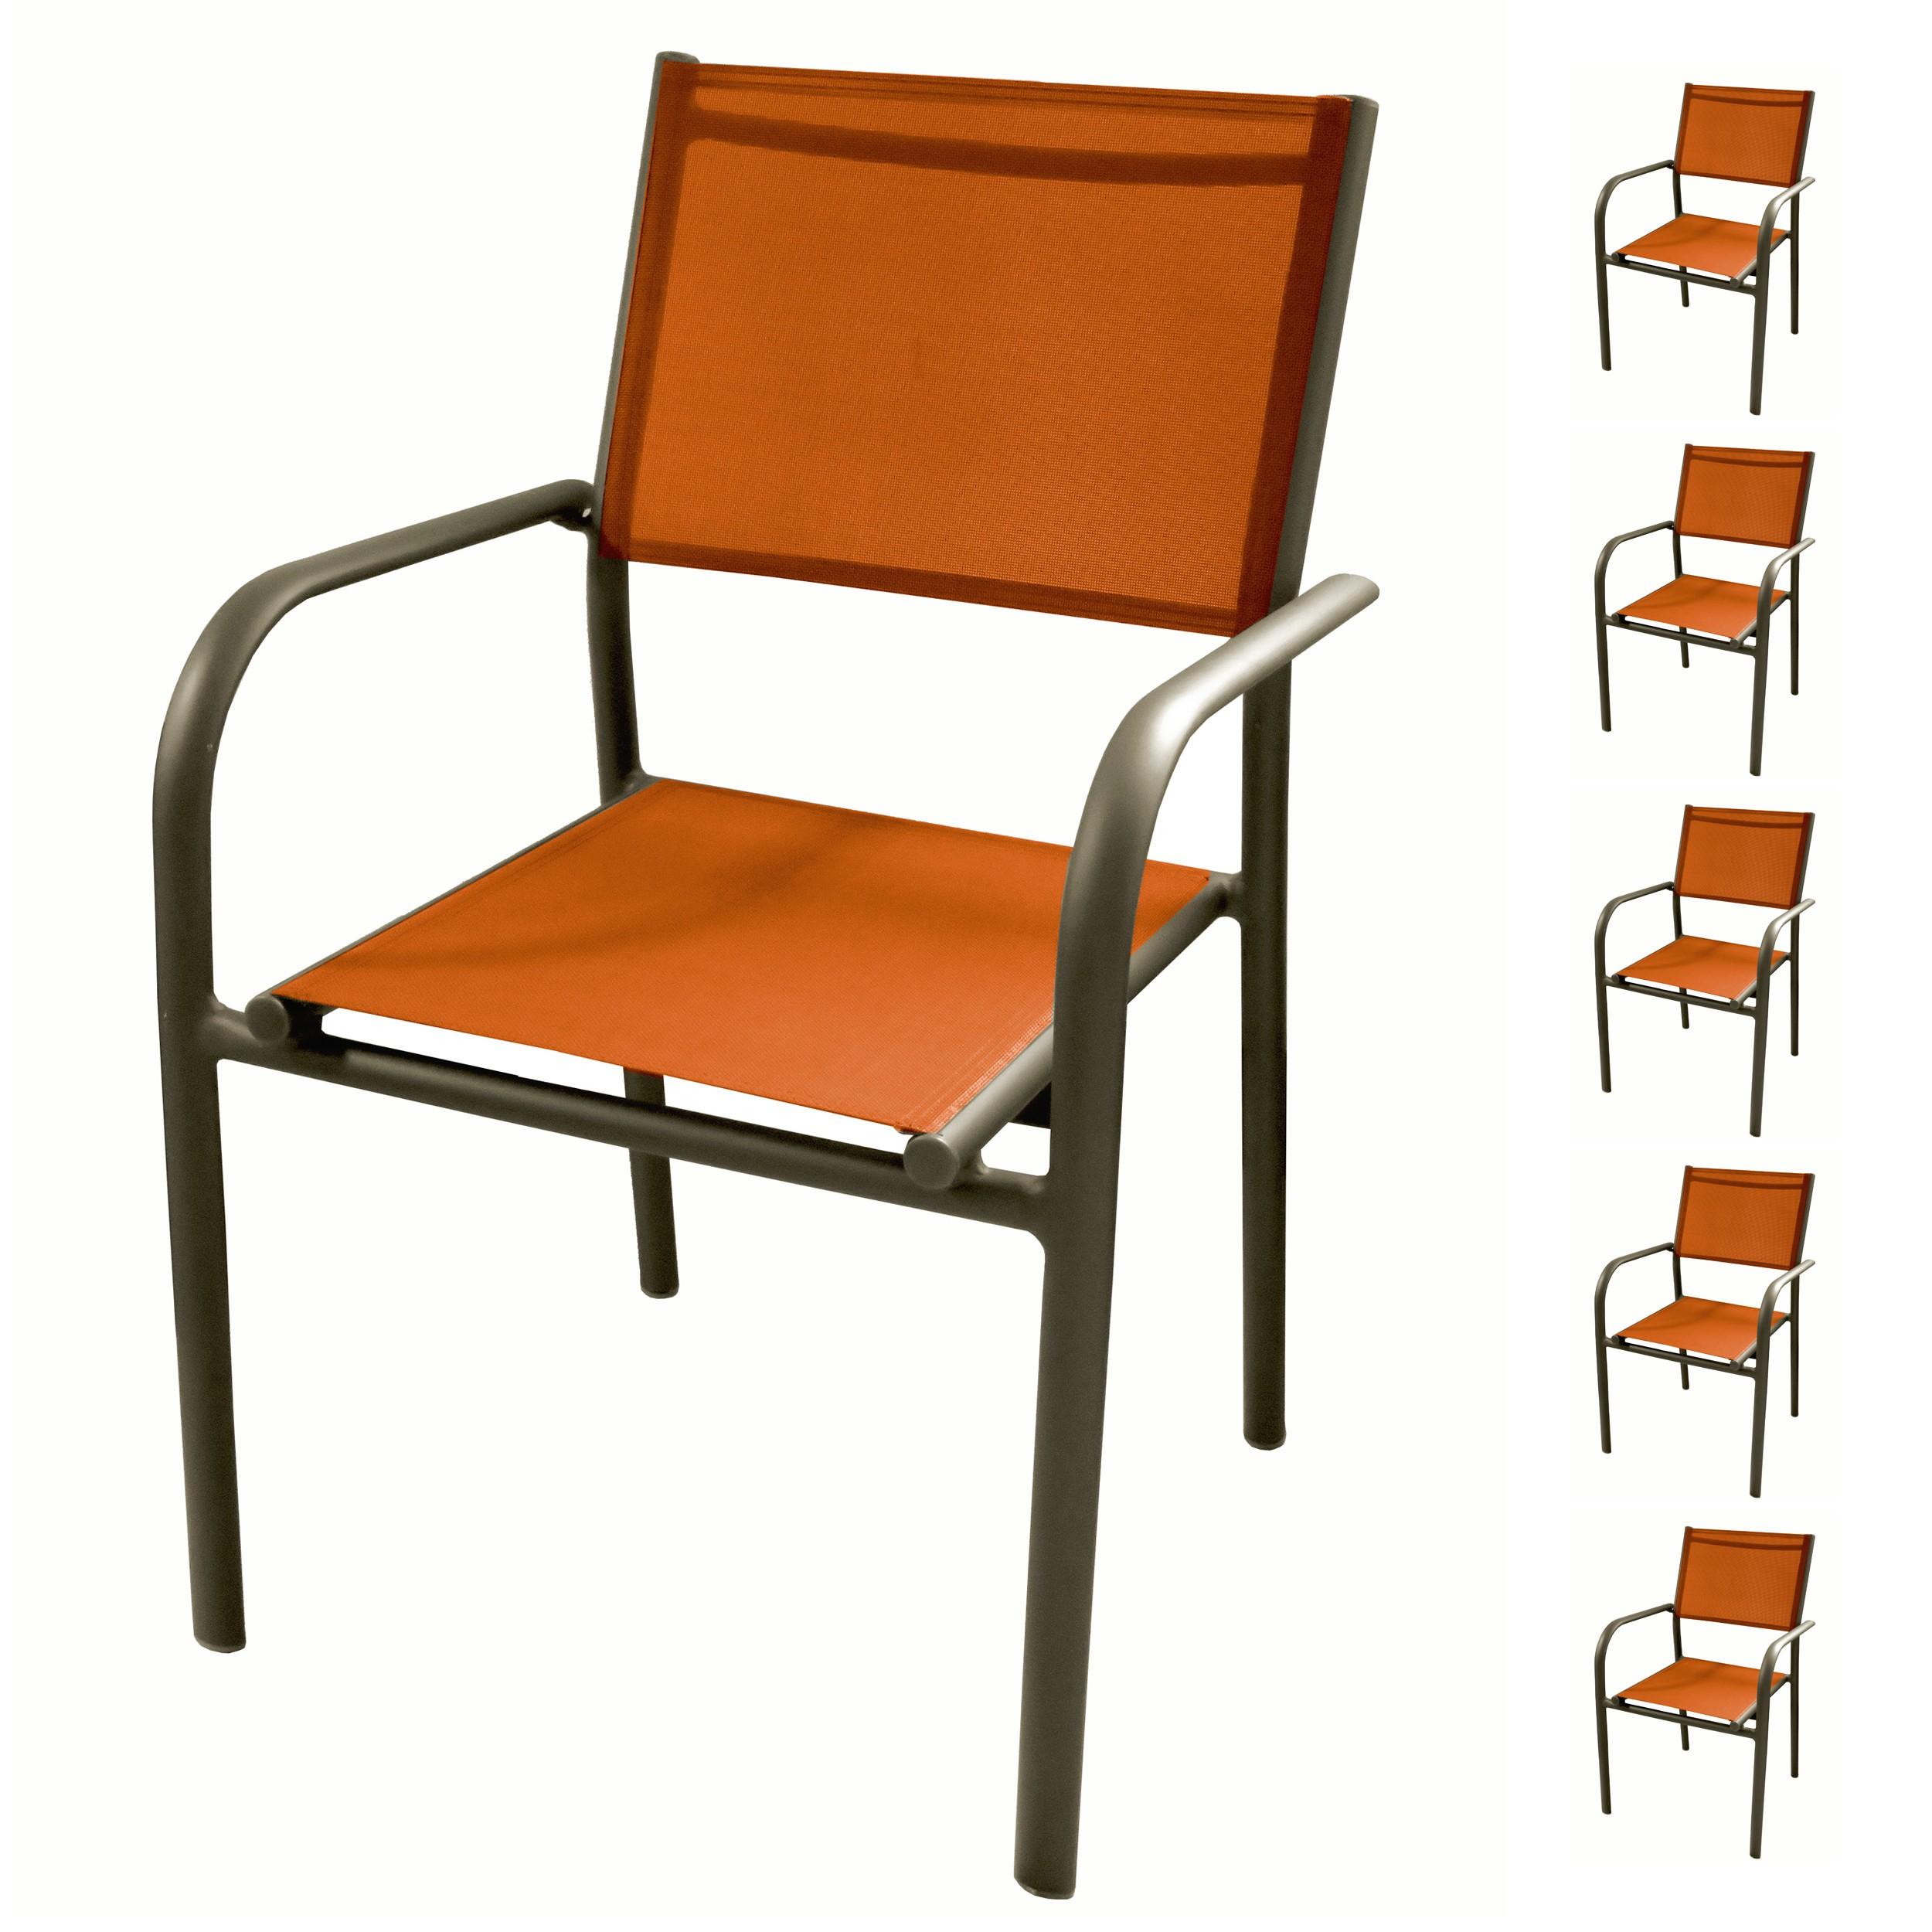 acheter fauteuil de jardin orange